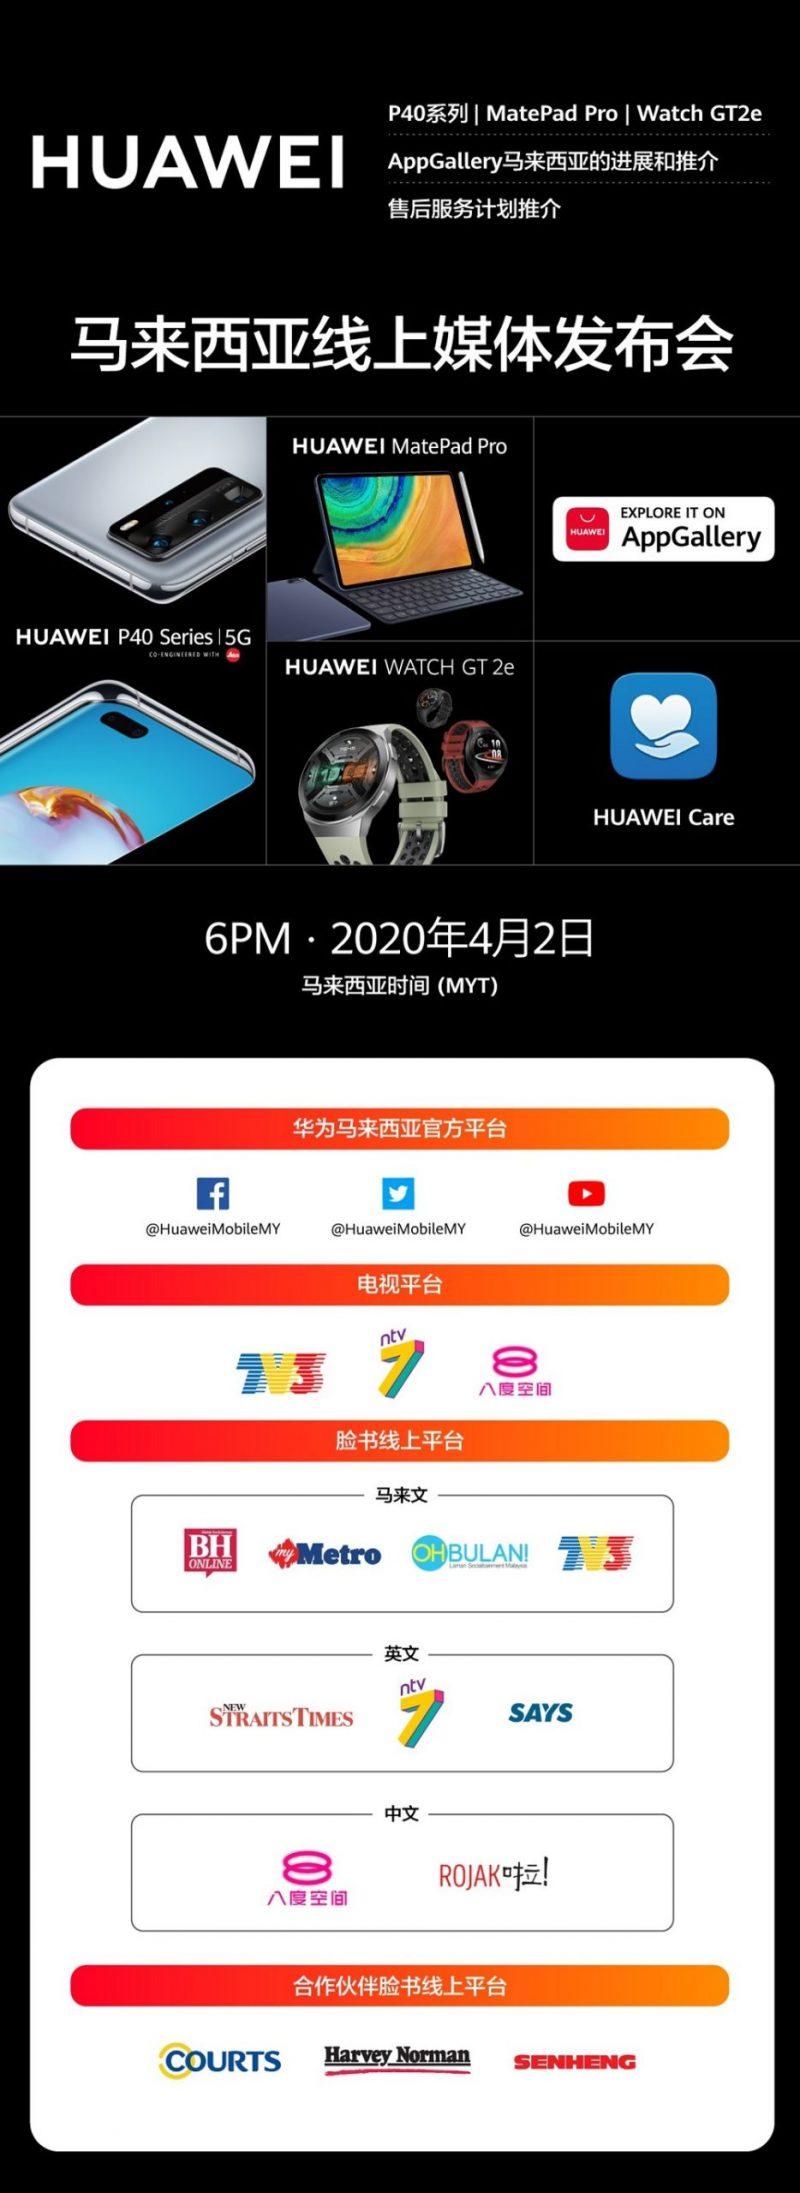 大马华为4月2日办线上发布会 ·  P40系列+MatePad Pro+Watch GT 2e-Woah.MY